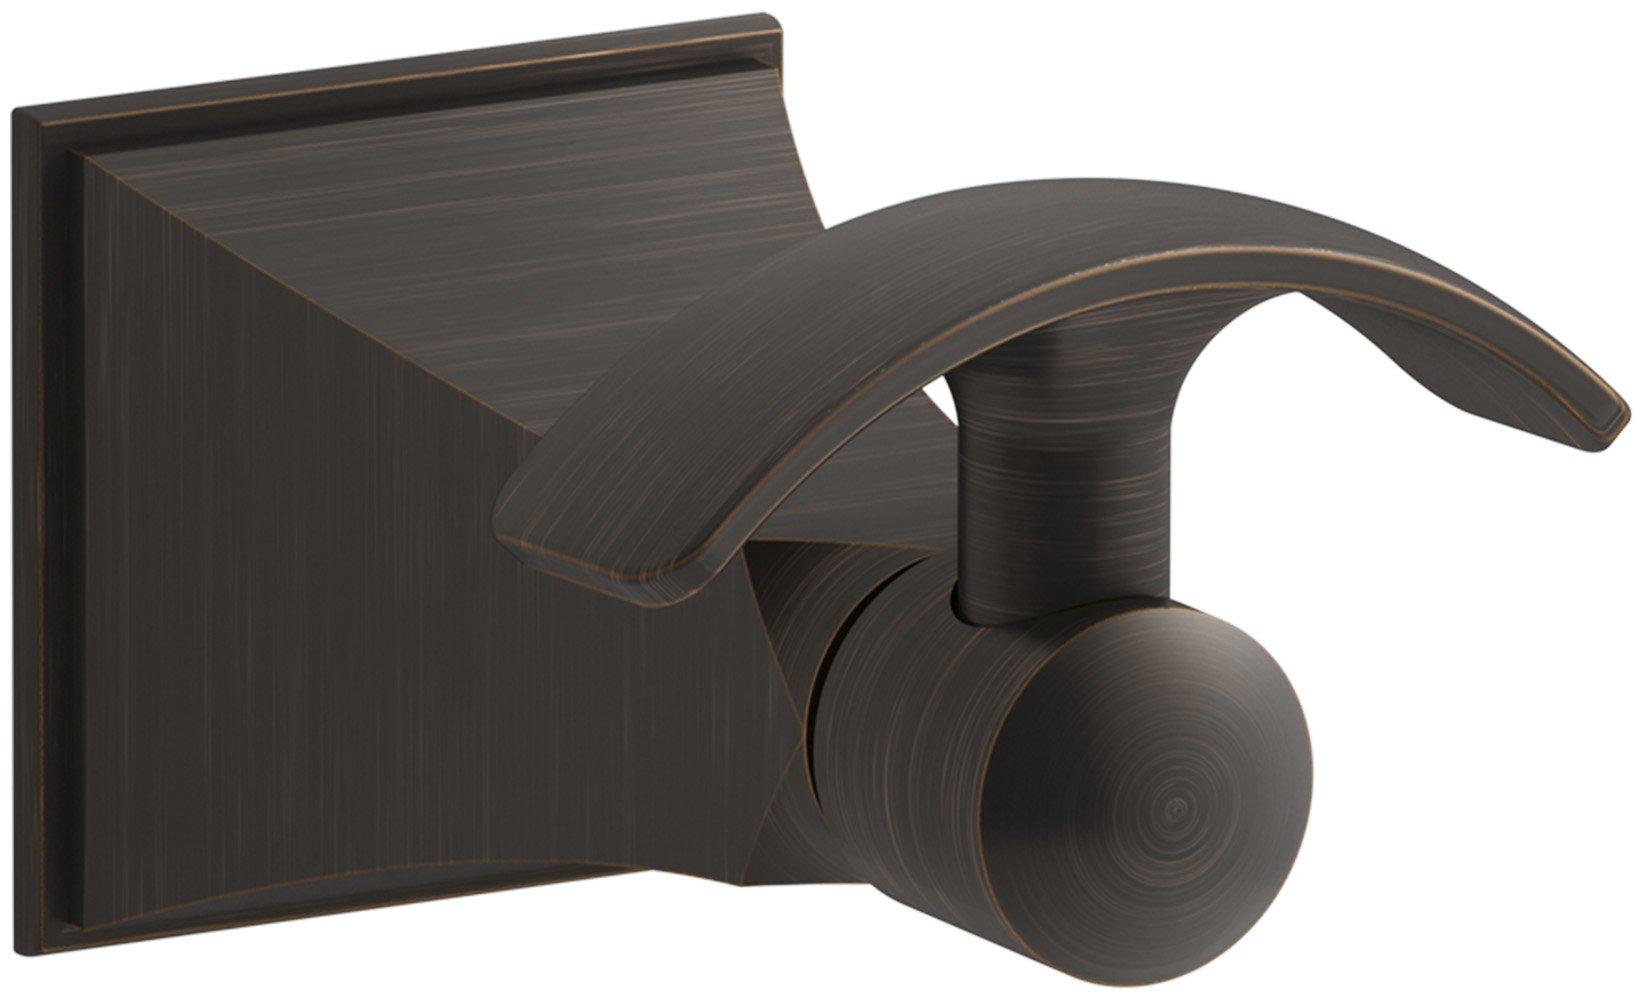 Kohler K-492-2BZ Memoirs Single Robe Hook, Oil-Rubbed Bronze by Kohler (Image #1)